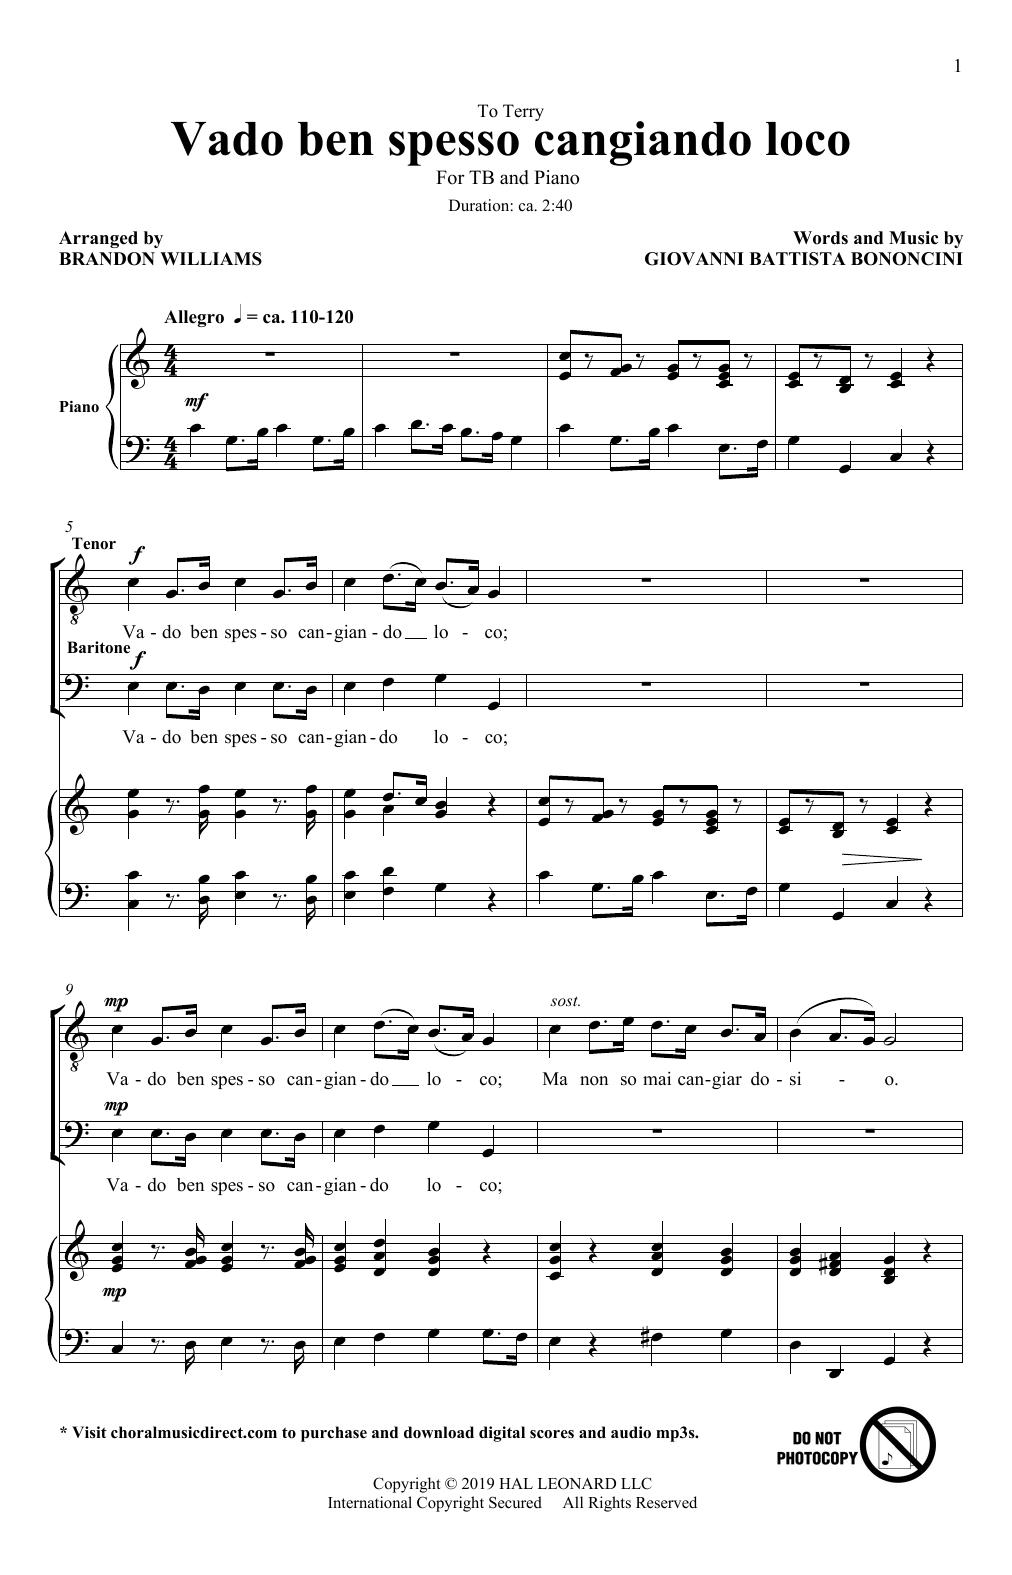 Vado Ben Spesso Cangiando Loco (arr. Brandon Williams) (TB Choir)